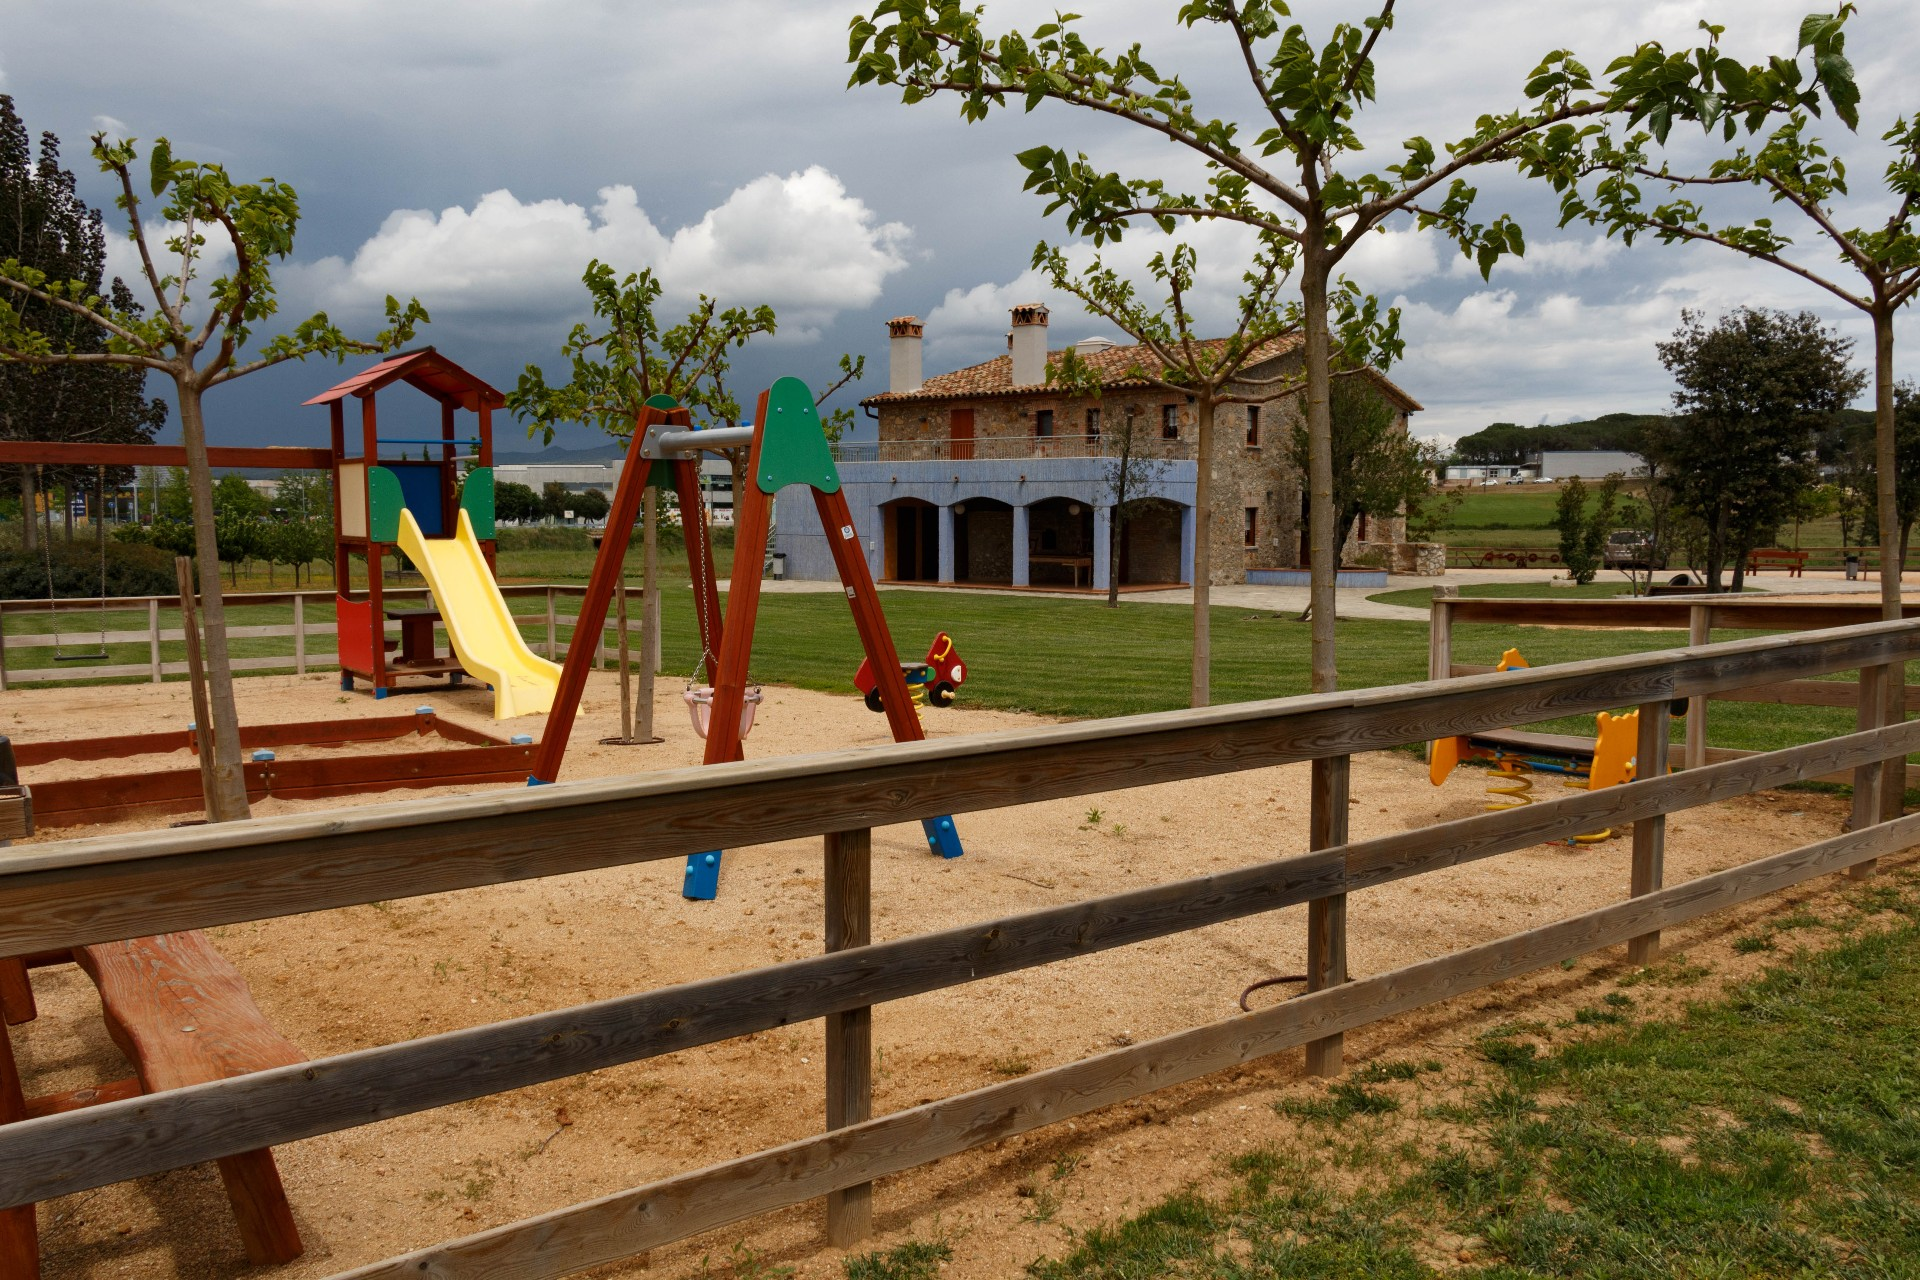 parc infantil can cateura